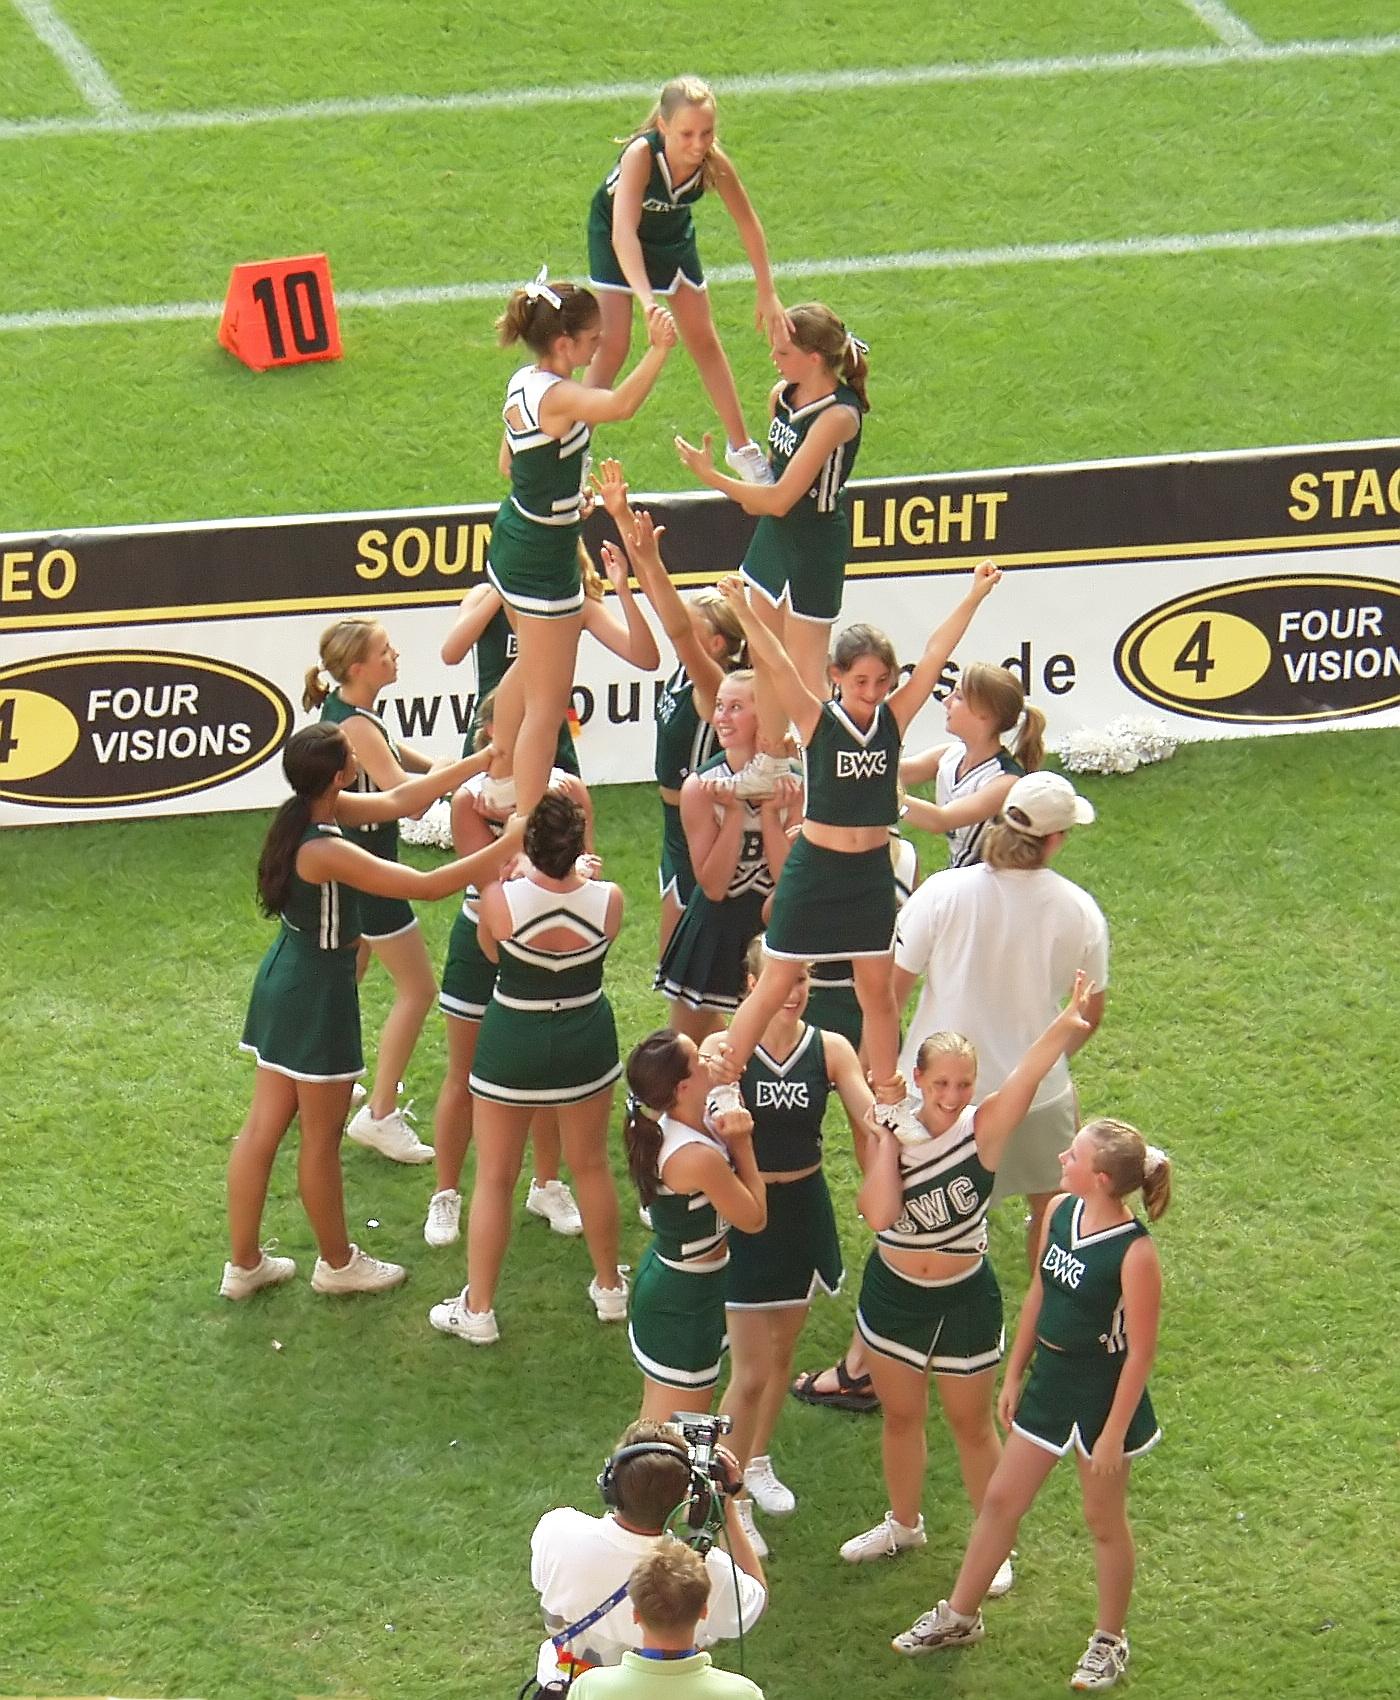 File:Cheerleaders - American Football - World Games Duisburg 2005 (2532).jpg